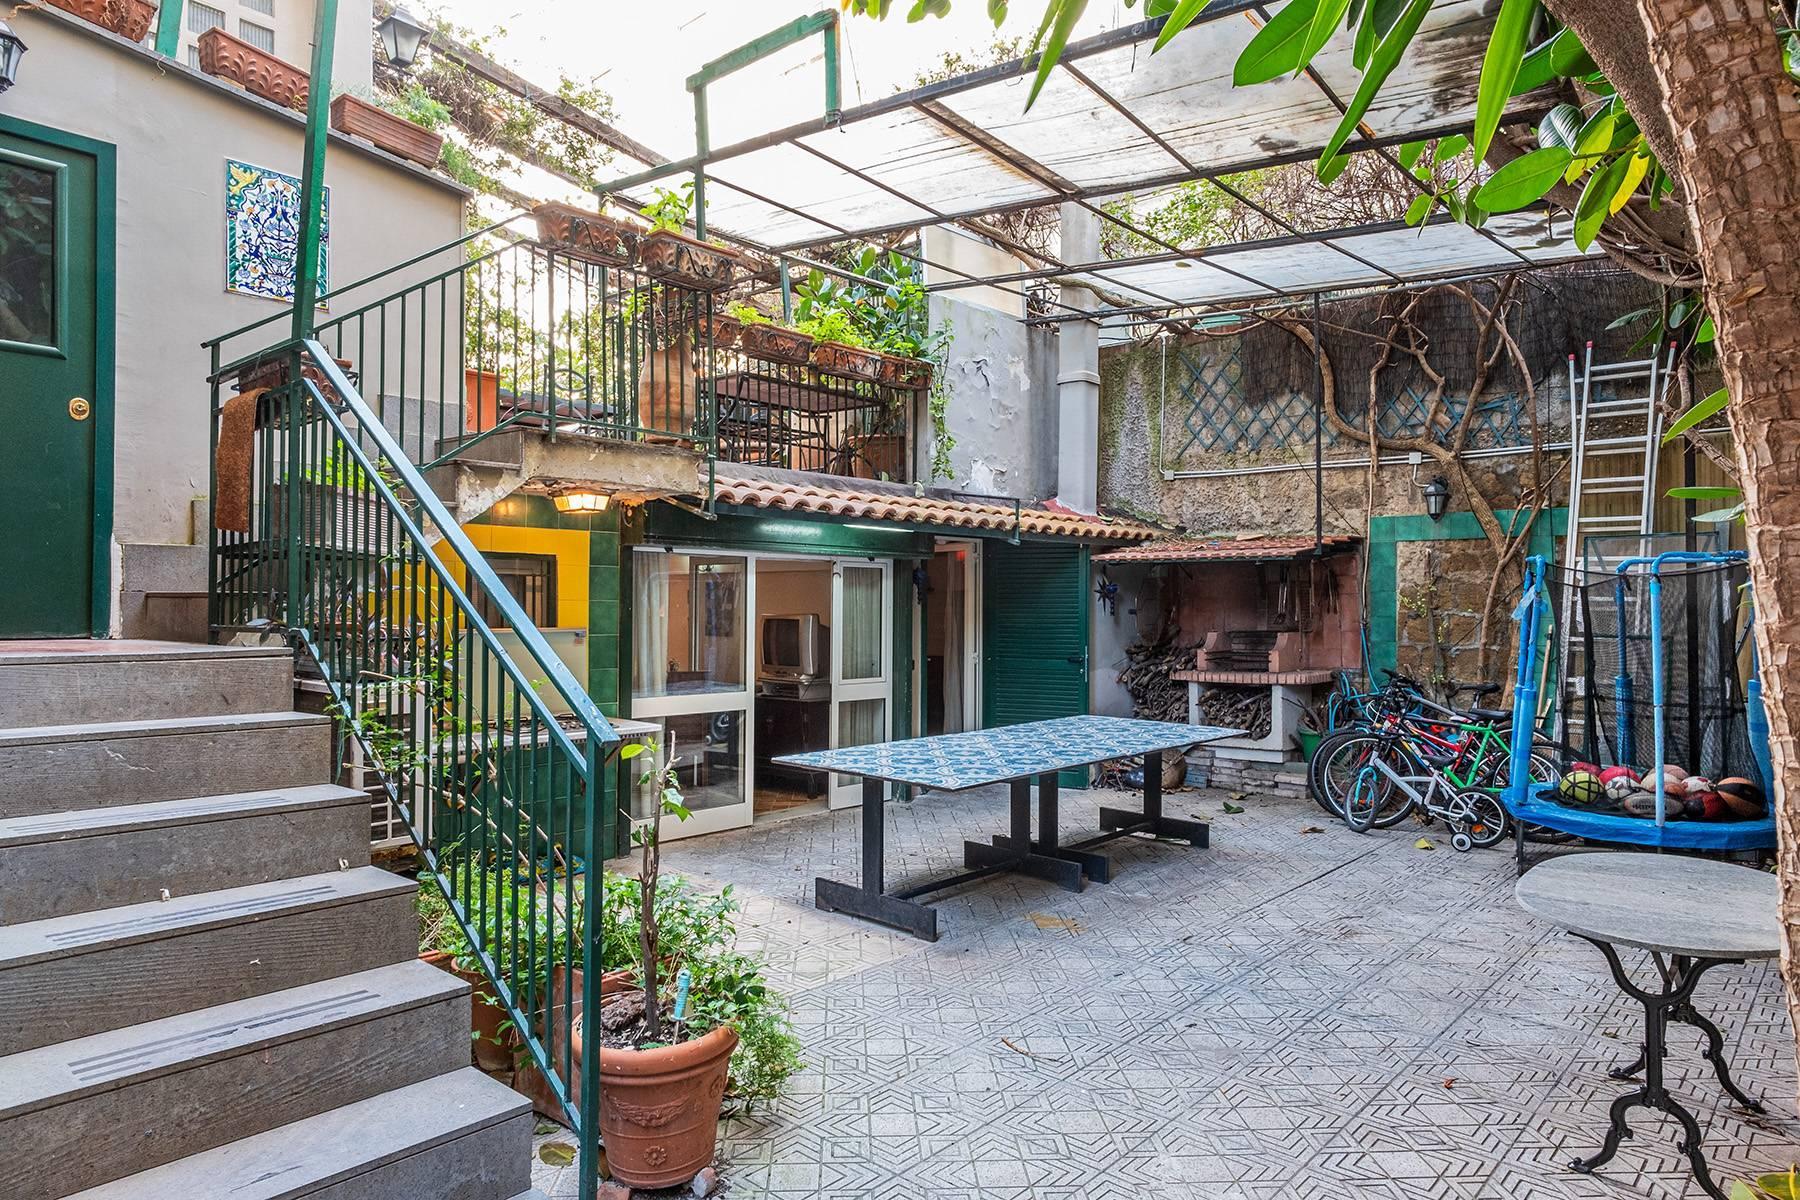 Eclettica dimora indipendente con terrazza e giardino - 15